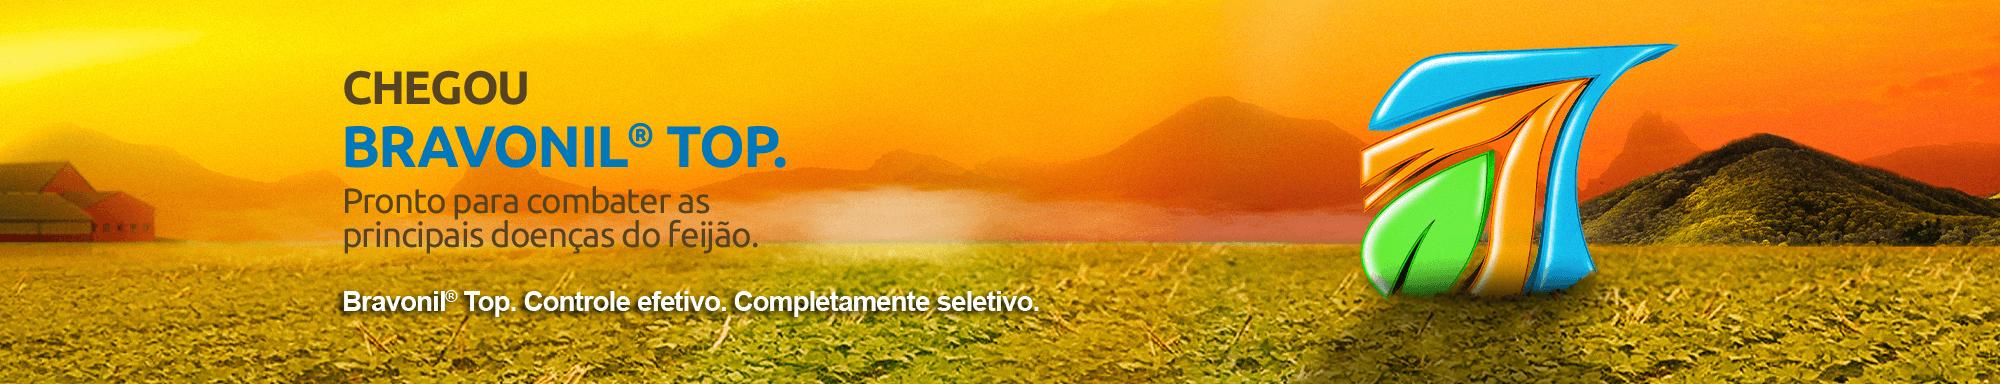 Fungicida Bravonil Top combate doenças do feijão